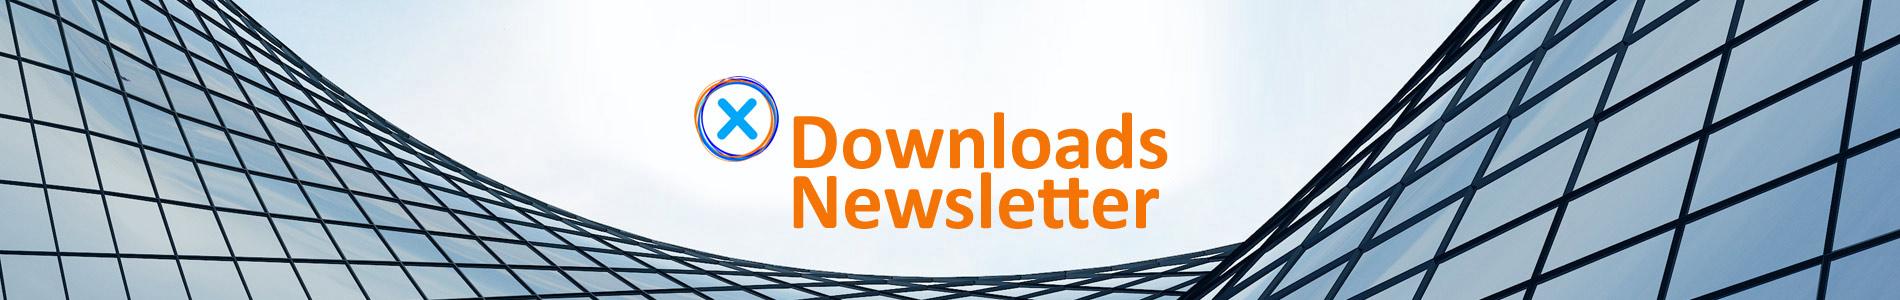 Gary Knott | how2excel - Excel Schulungen Downloads